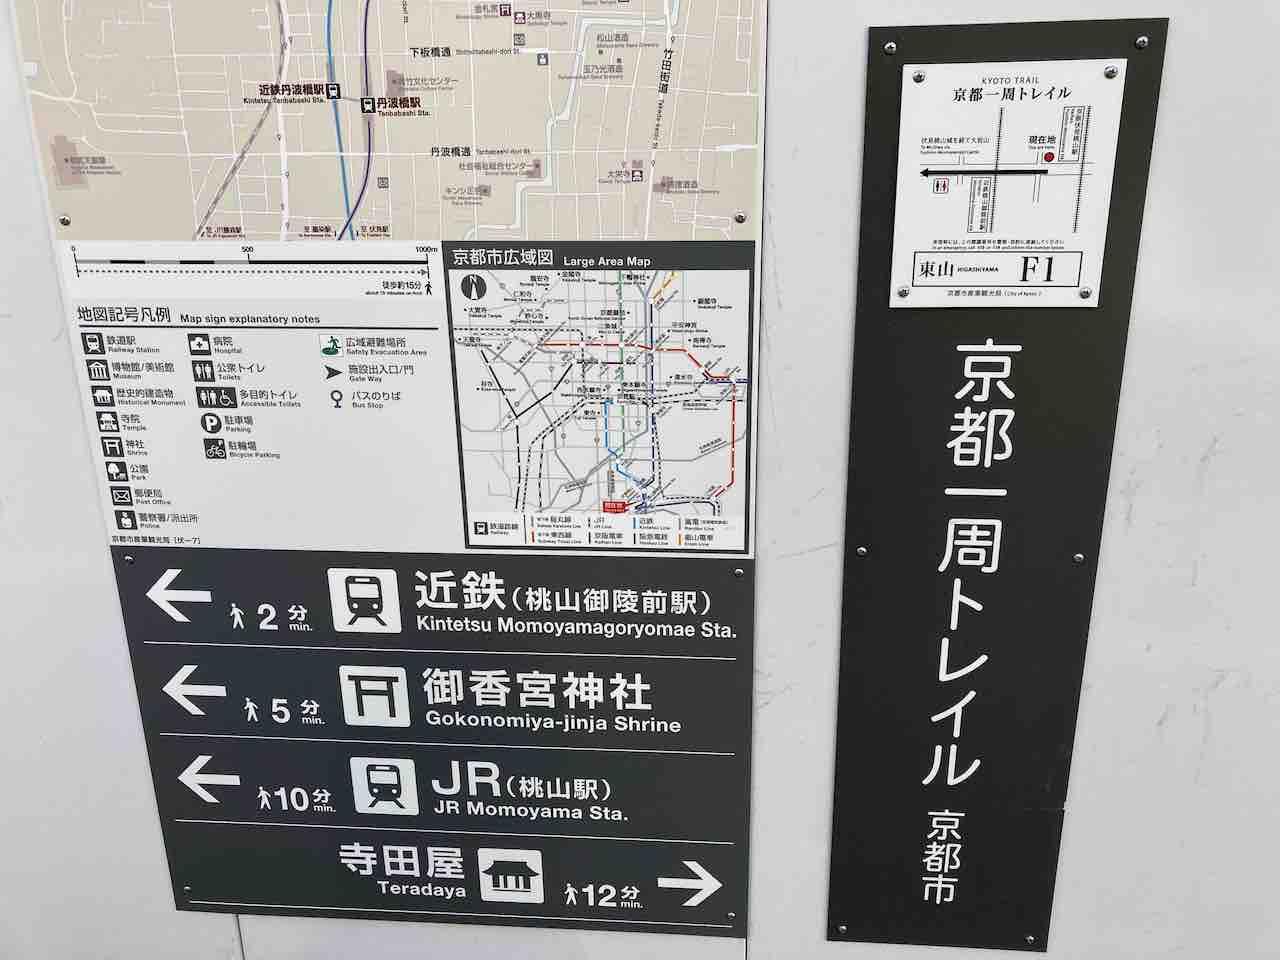 深草トレイル 伏見桃山エリア